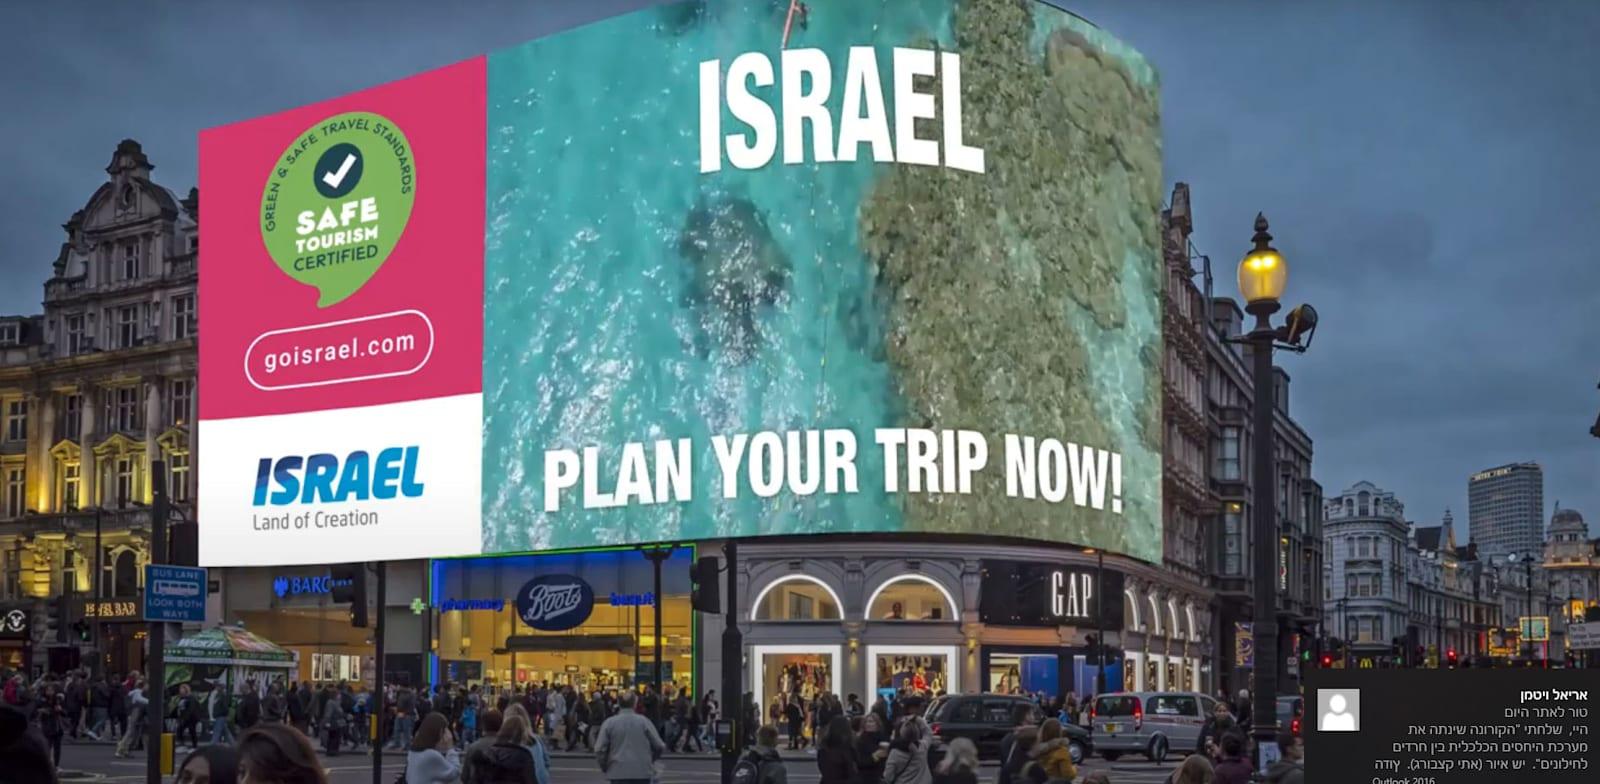 קמפיין לעידוד התיירות לישראל. לונדון / צילום: משרד התיירות